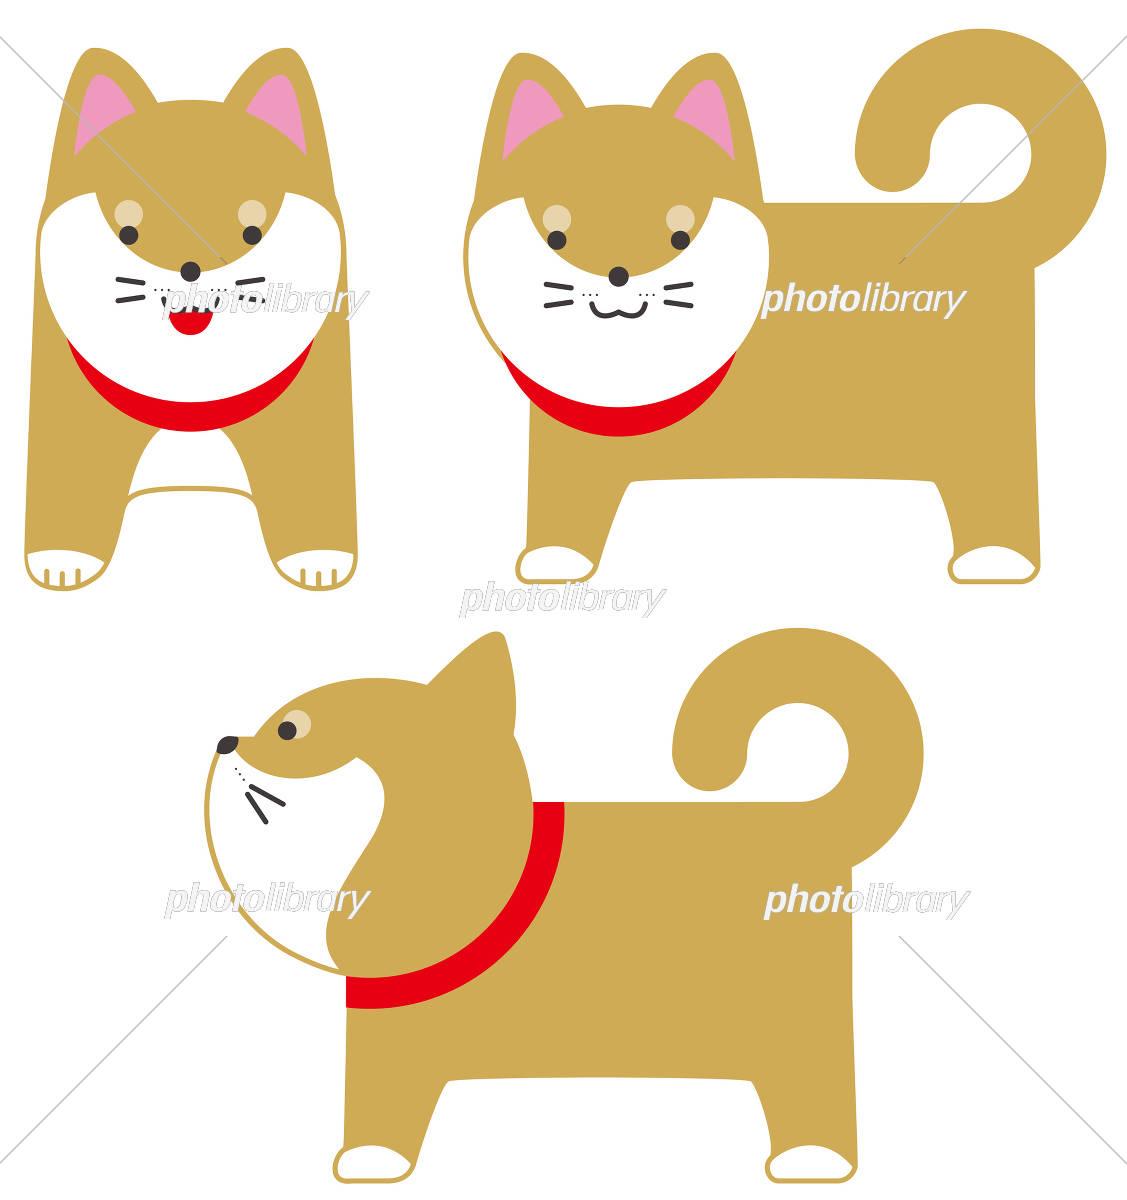 柴犬キャラクター イラスト素材 [ 5273844 ] - フォトライブラリー